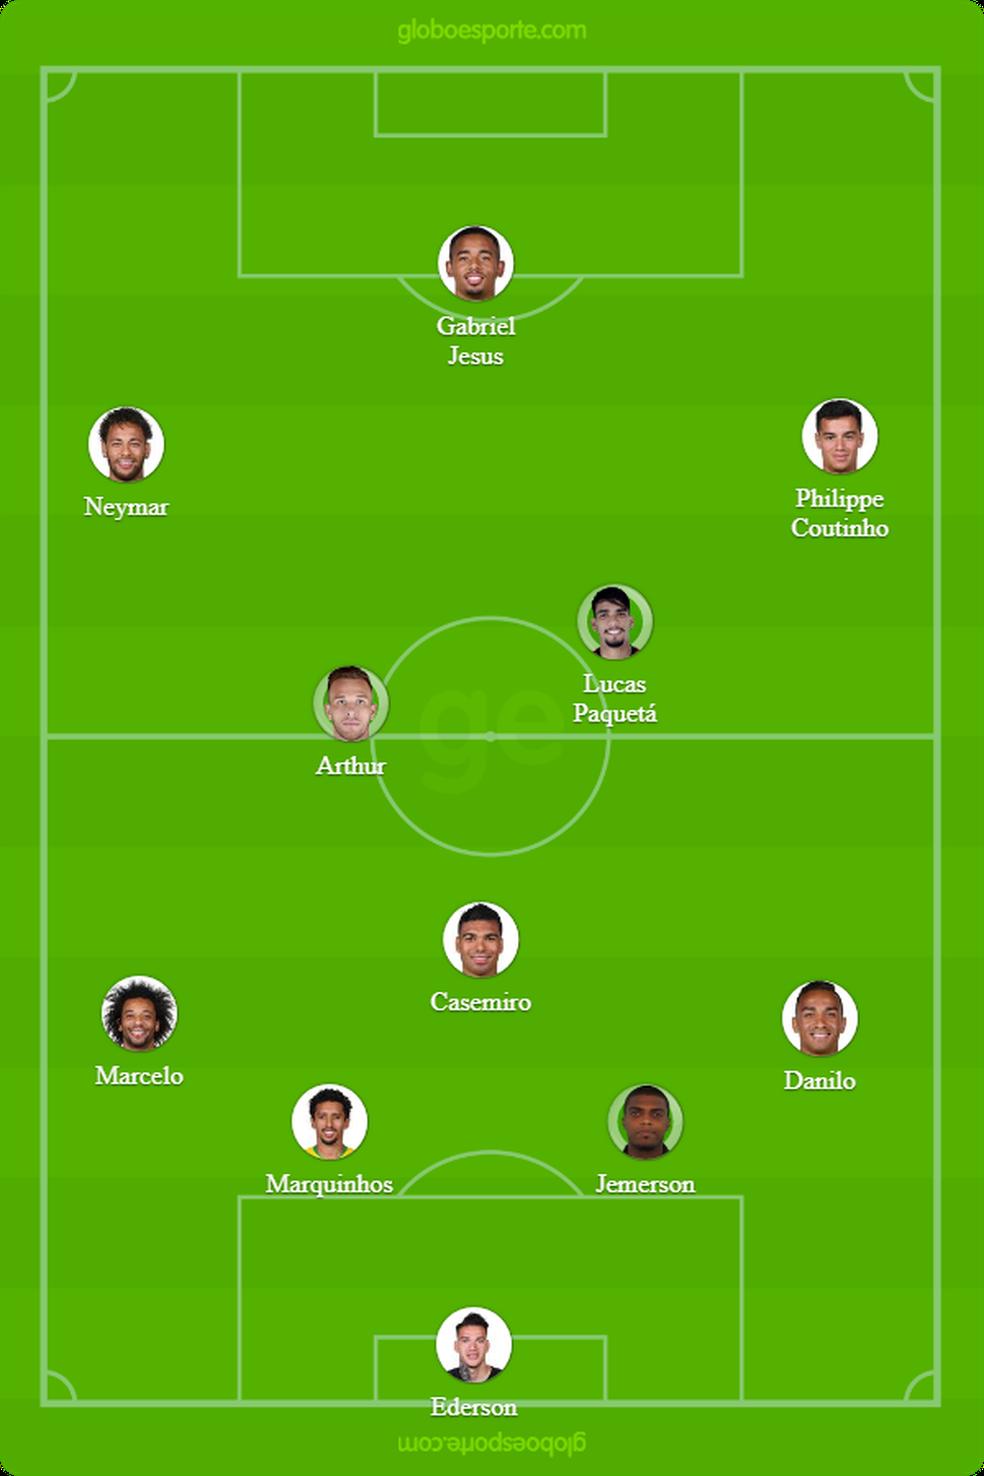 escalação da galera copa 2022 (Foto: Globoesporte.com)